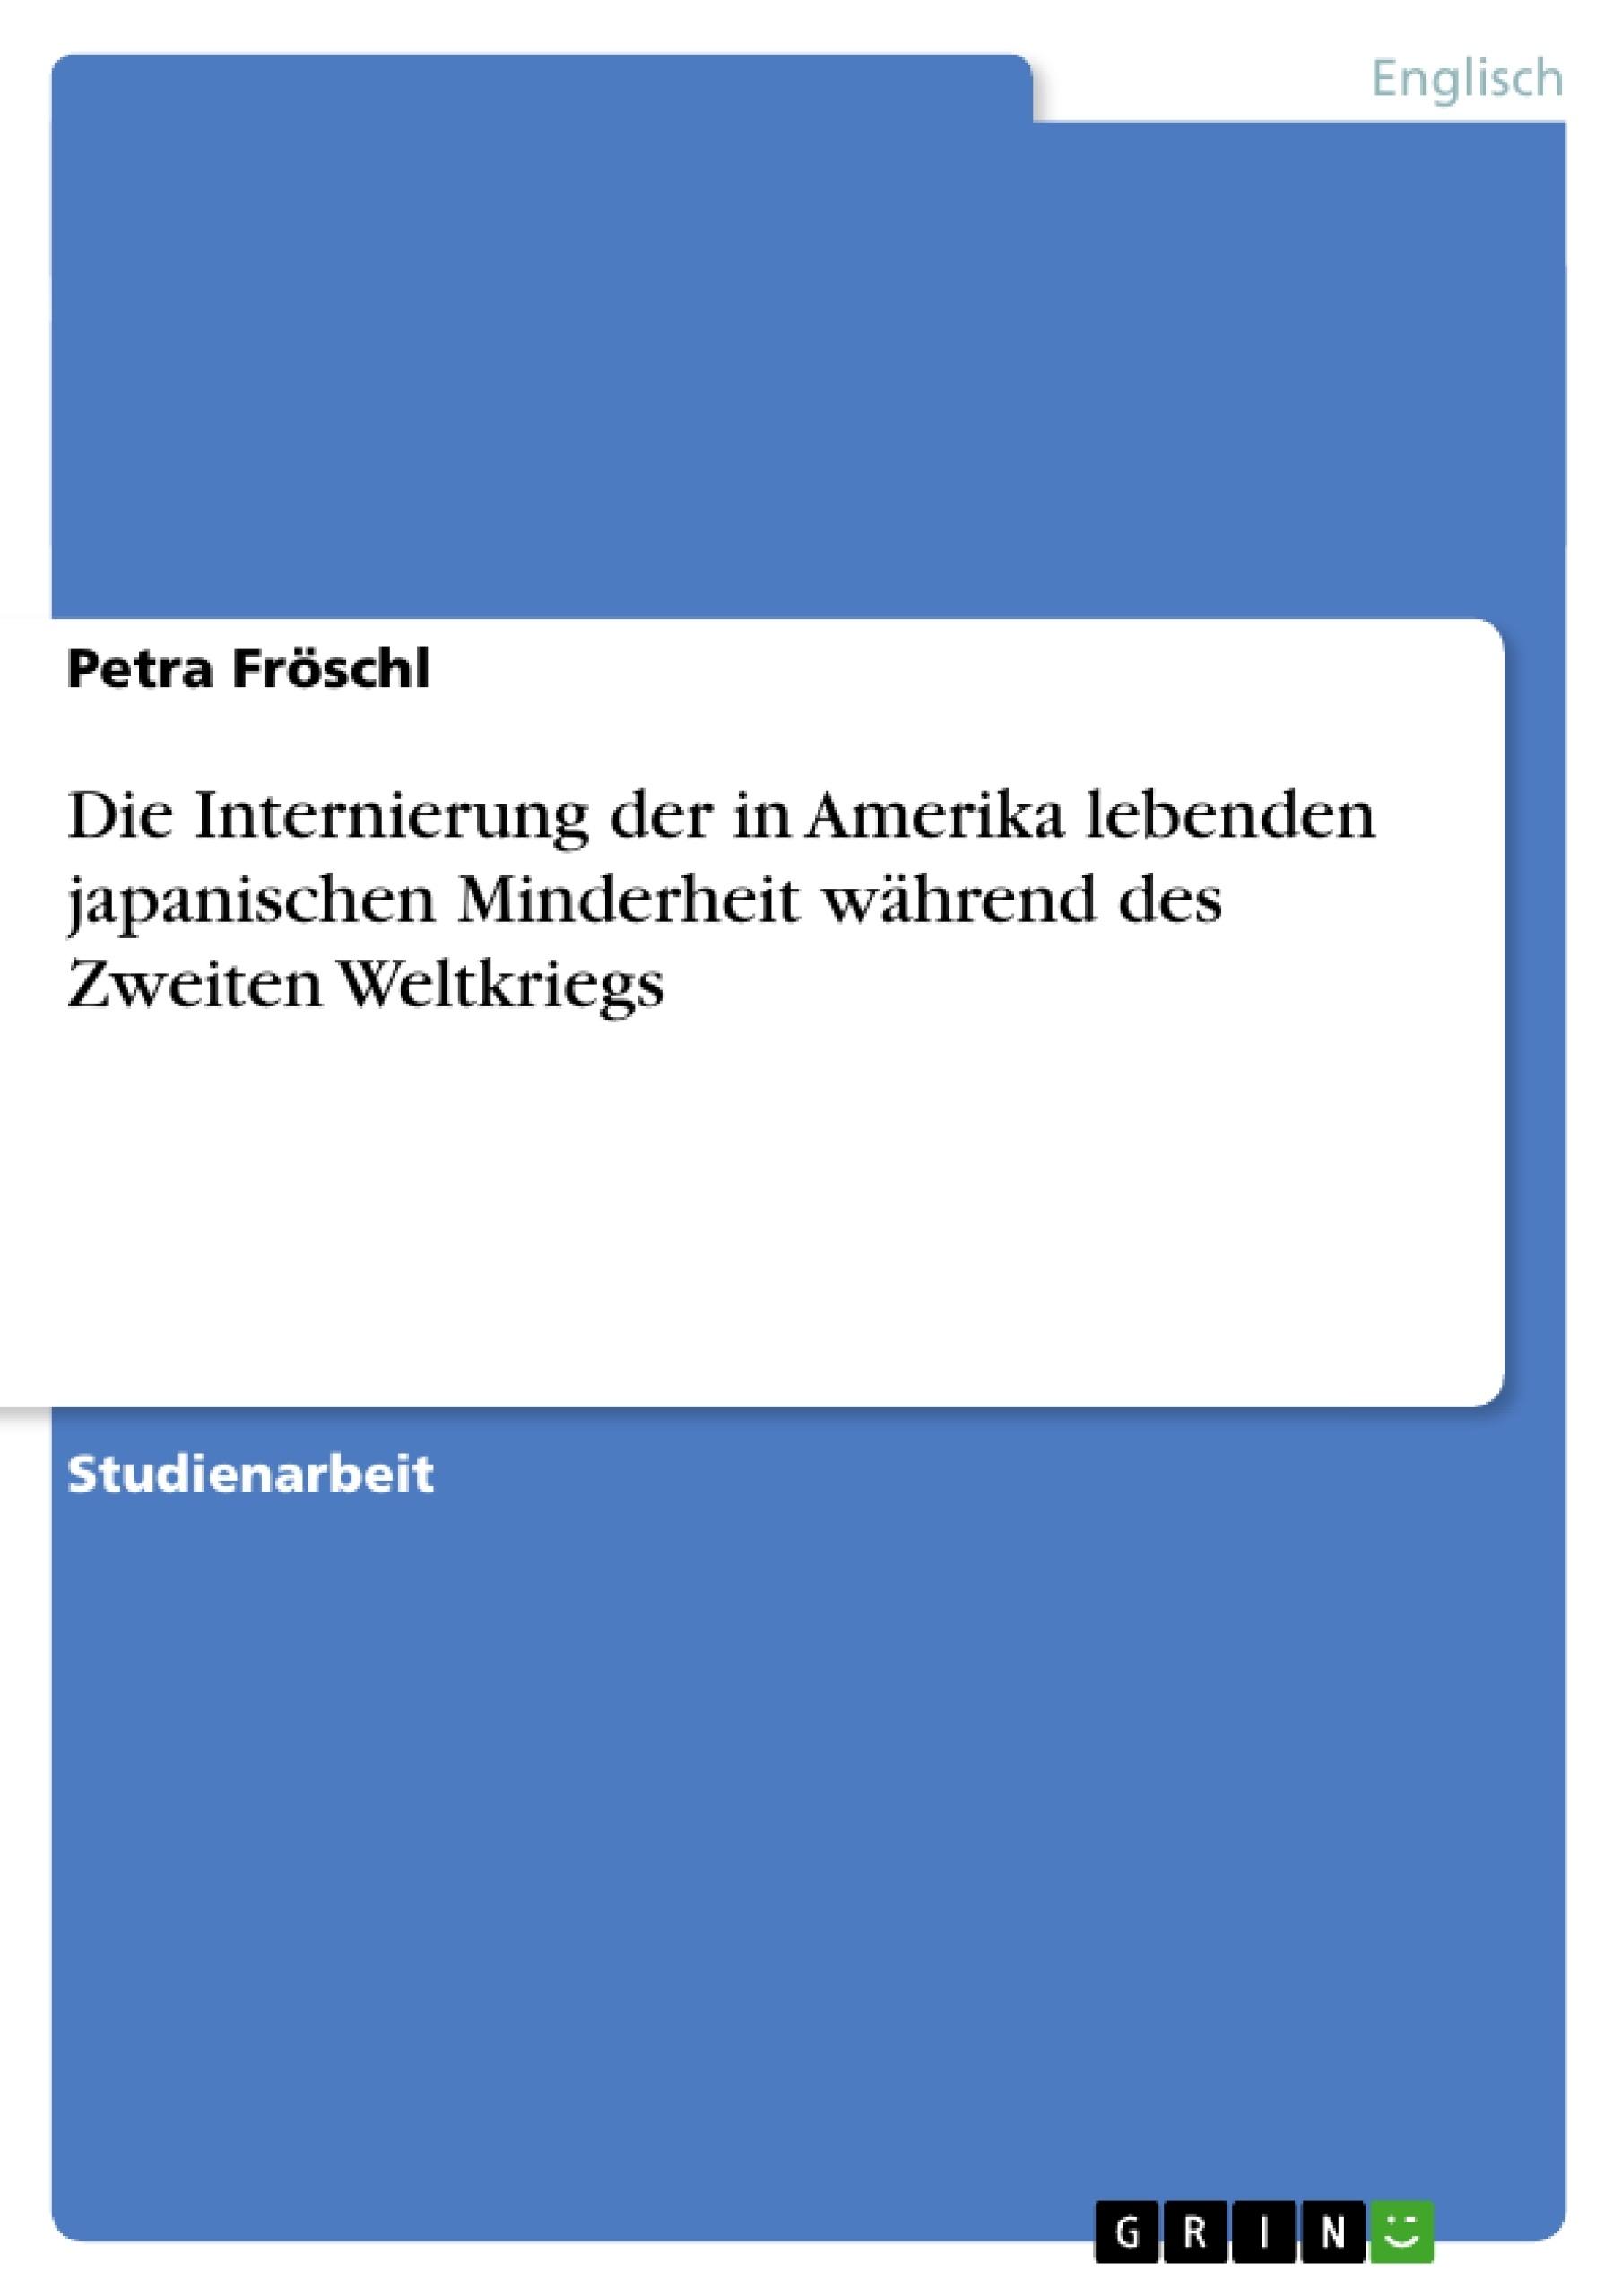 Titel: Die Internierung der in Amerika lebenden japanischen Minderheit während des Zweiten Weltkriegs